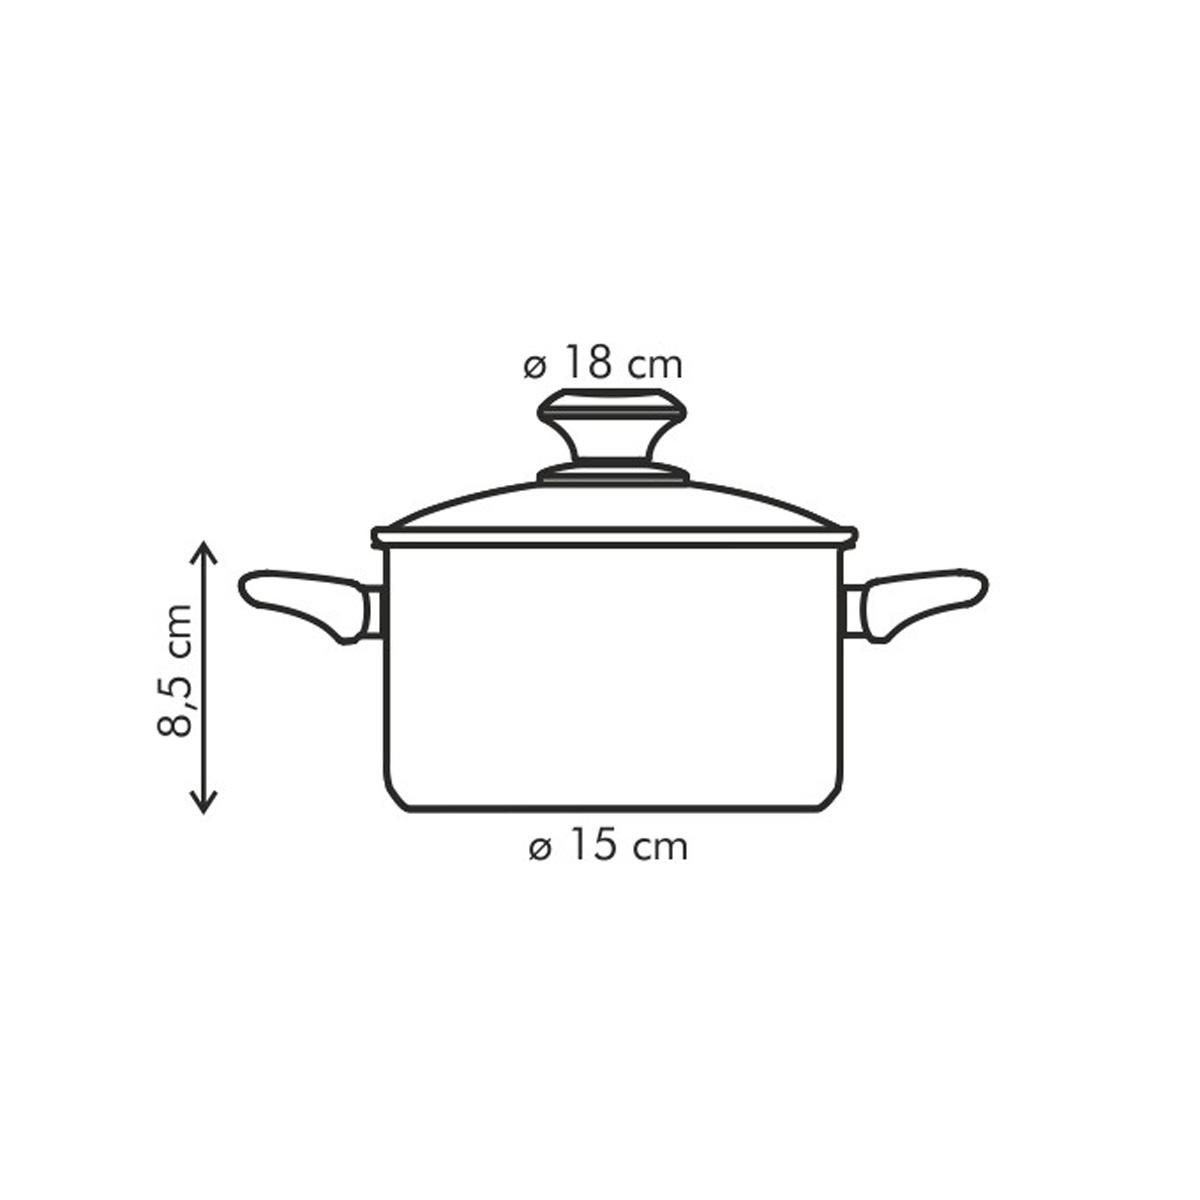 Kastrol PRESTO s poklicí ø 18 cm, 2.0 l, antiadhezní povlak